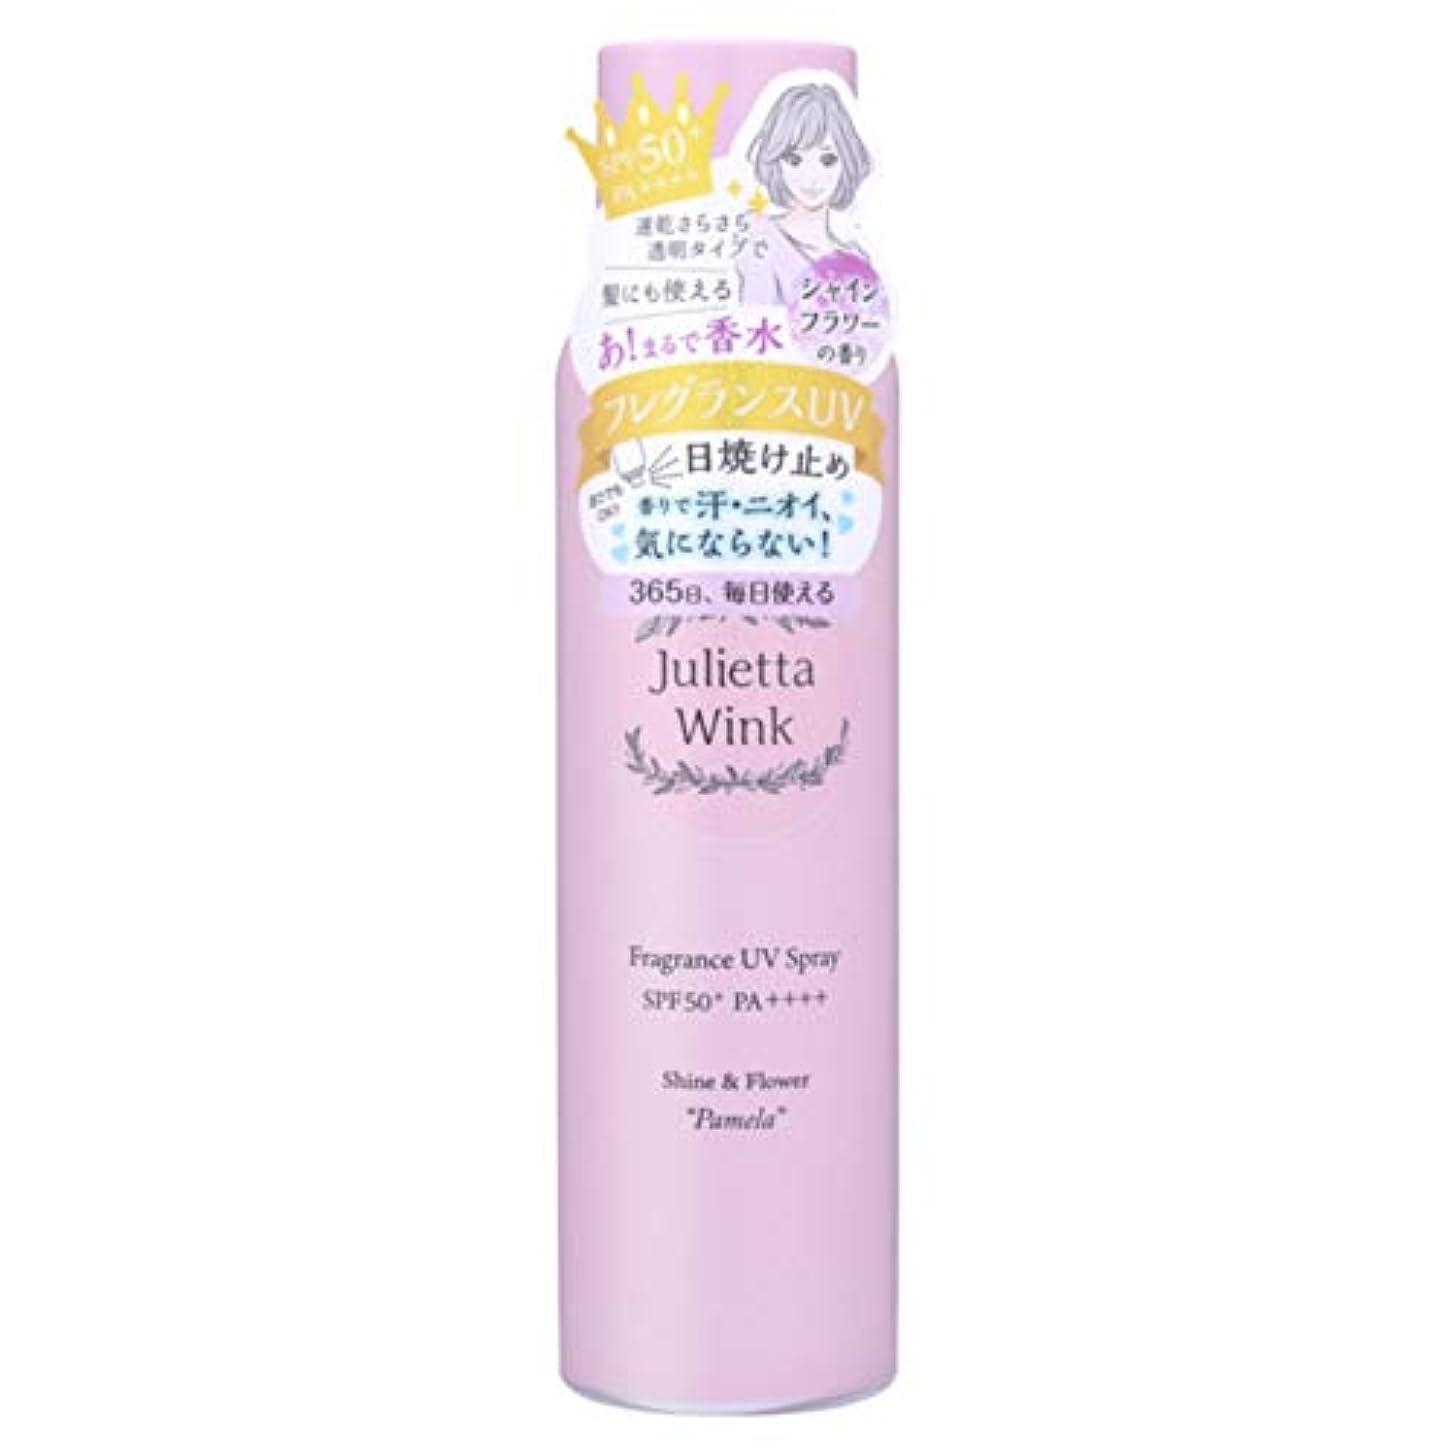 ことわざレスリングモートジュリエッタウィンク フレグランス UVスプレー[パメラ]100g シャインフラワーの香り(ピンク)